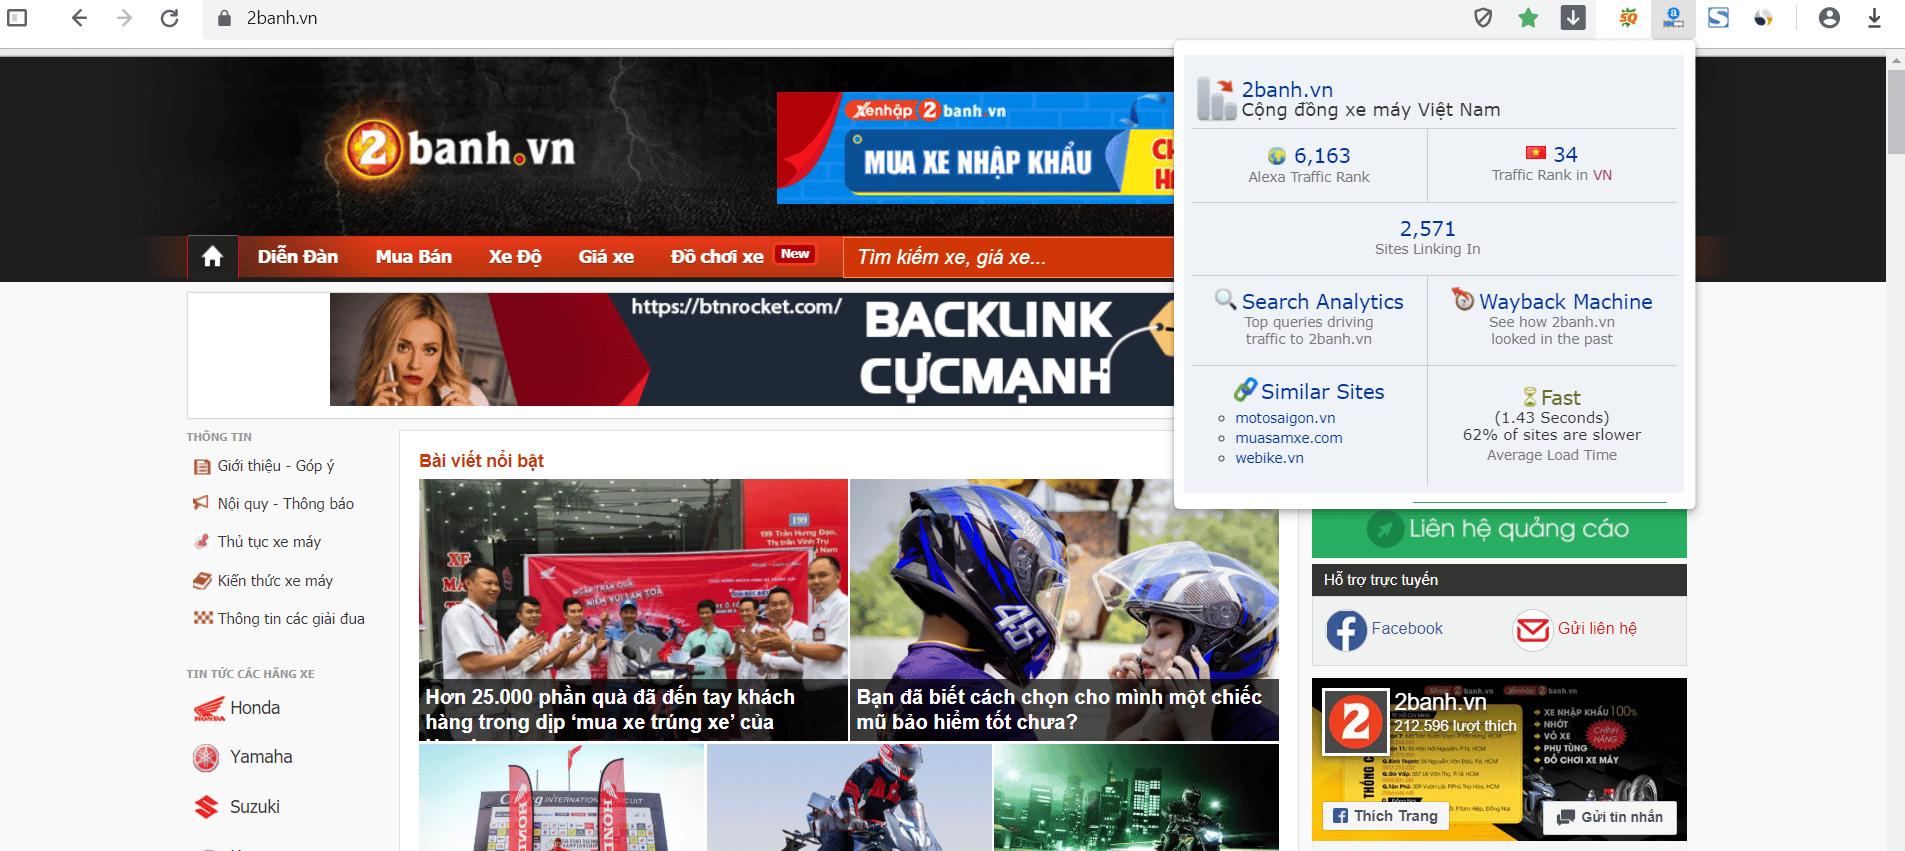 Website diễn đàn công nghệ (8)